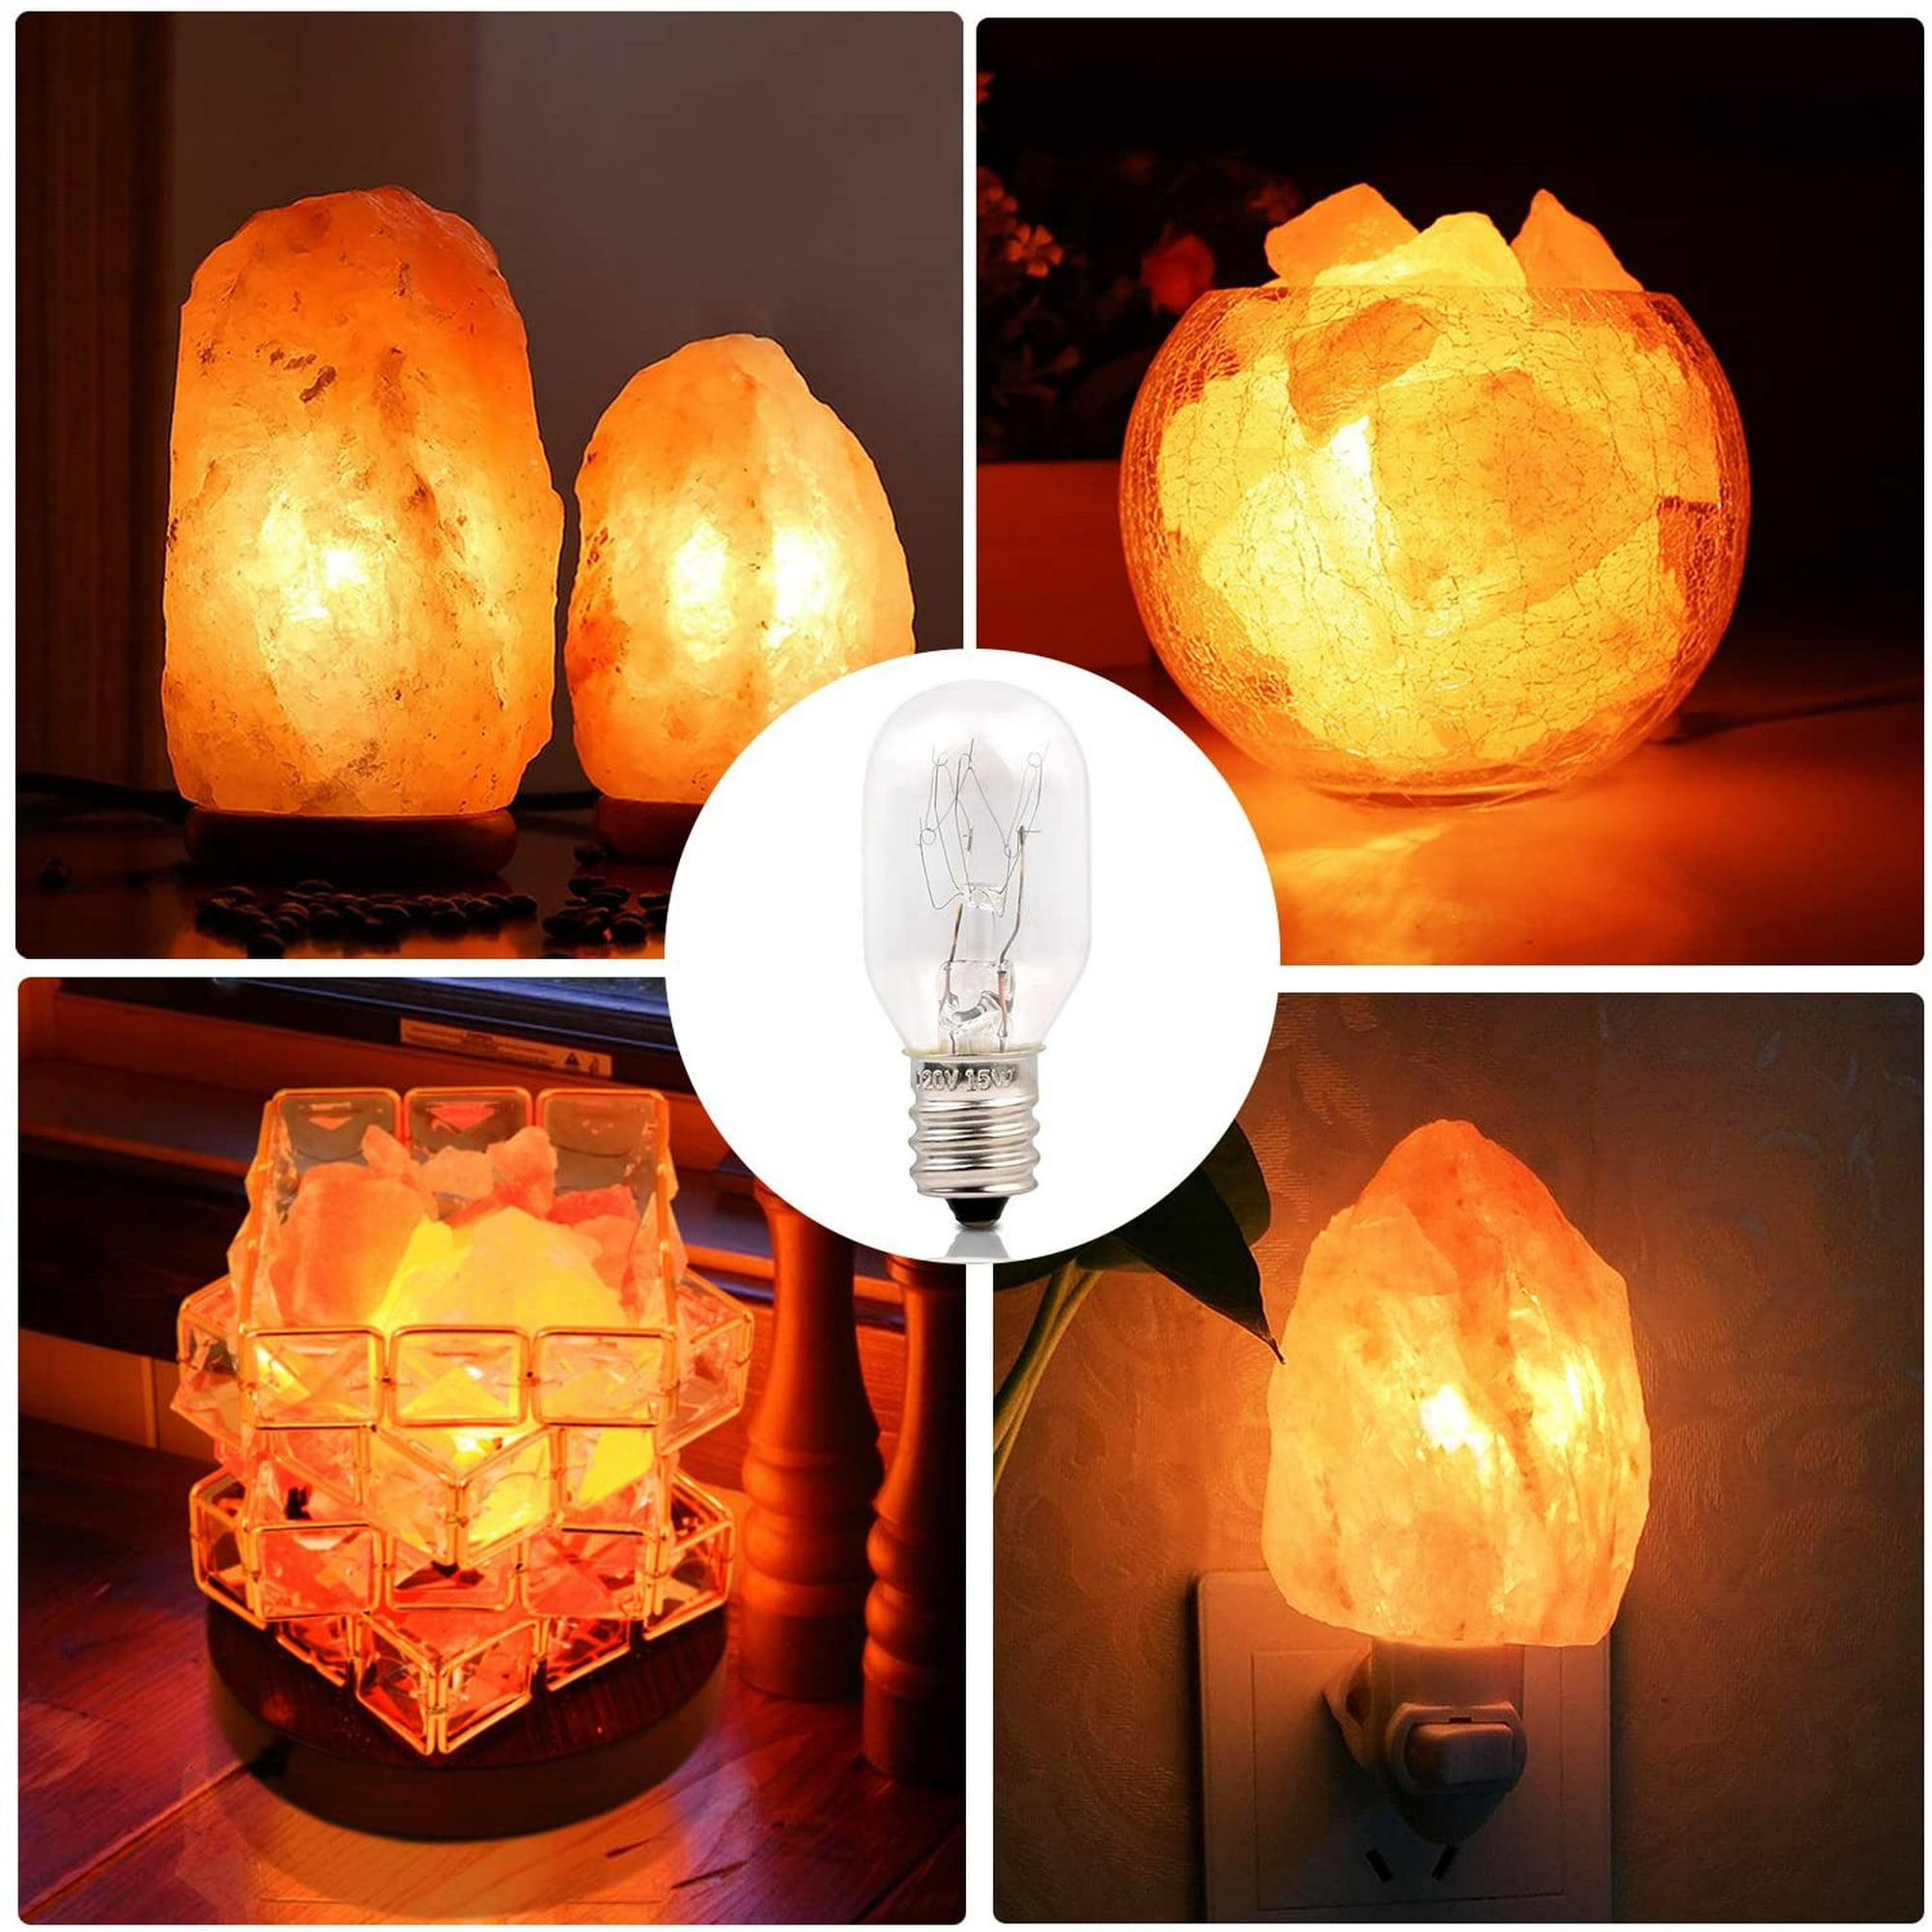 3X Original E14 Socket 15//25 WATT Replacement Incandescent Light Bulbs ST@LLION